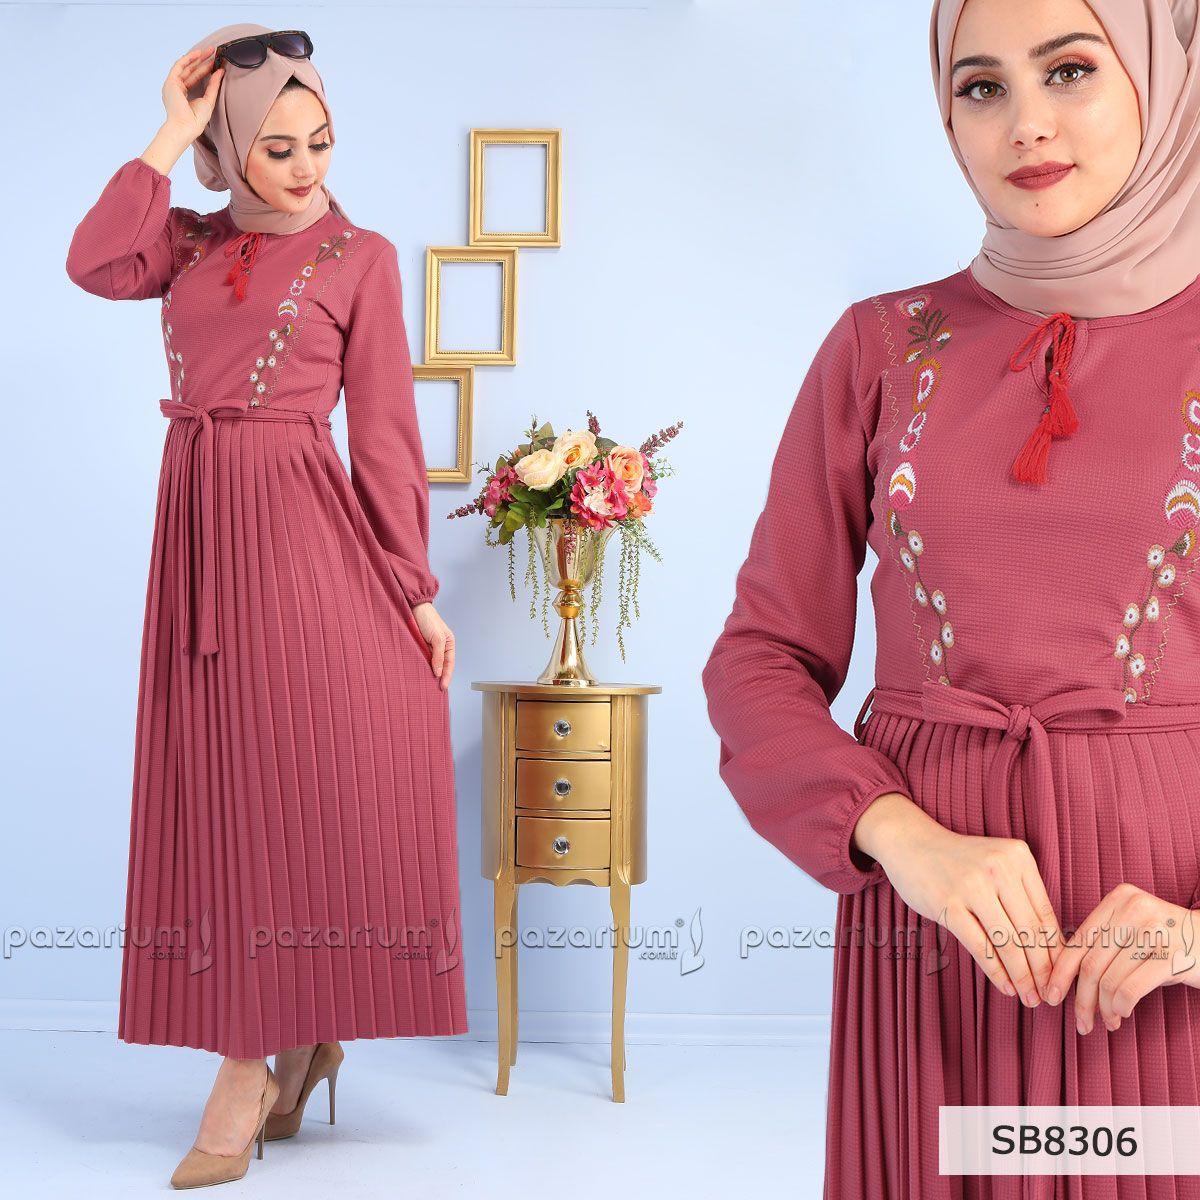 d8d28f788c020 Eteği pliseli olan taba renkli elbise boydan modeldir. Elbisenin kol uçları  lastikli olup, yakası